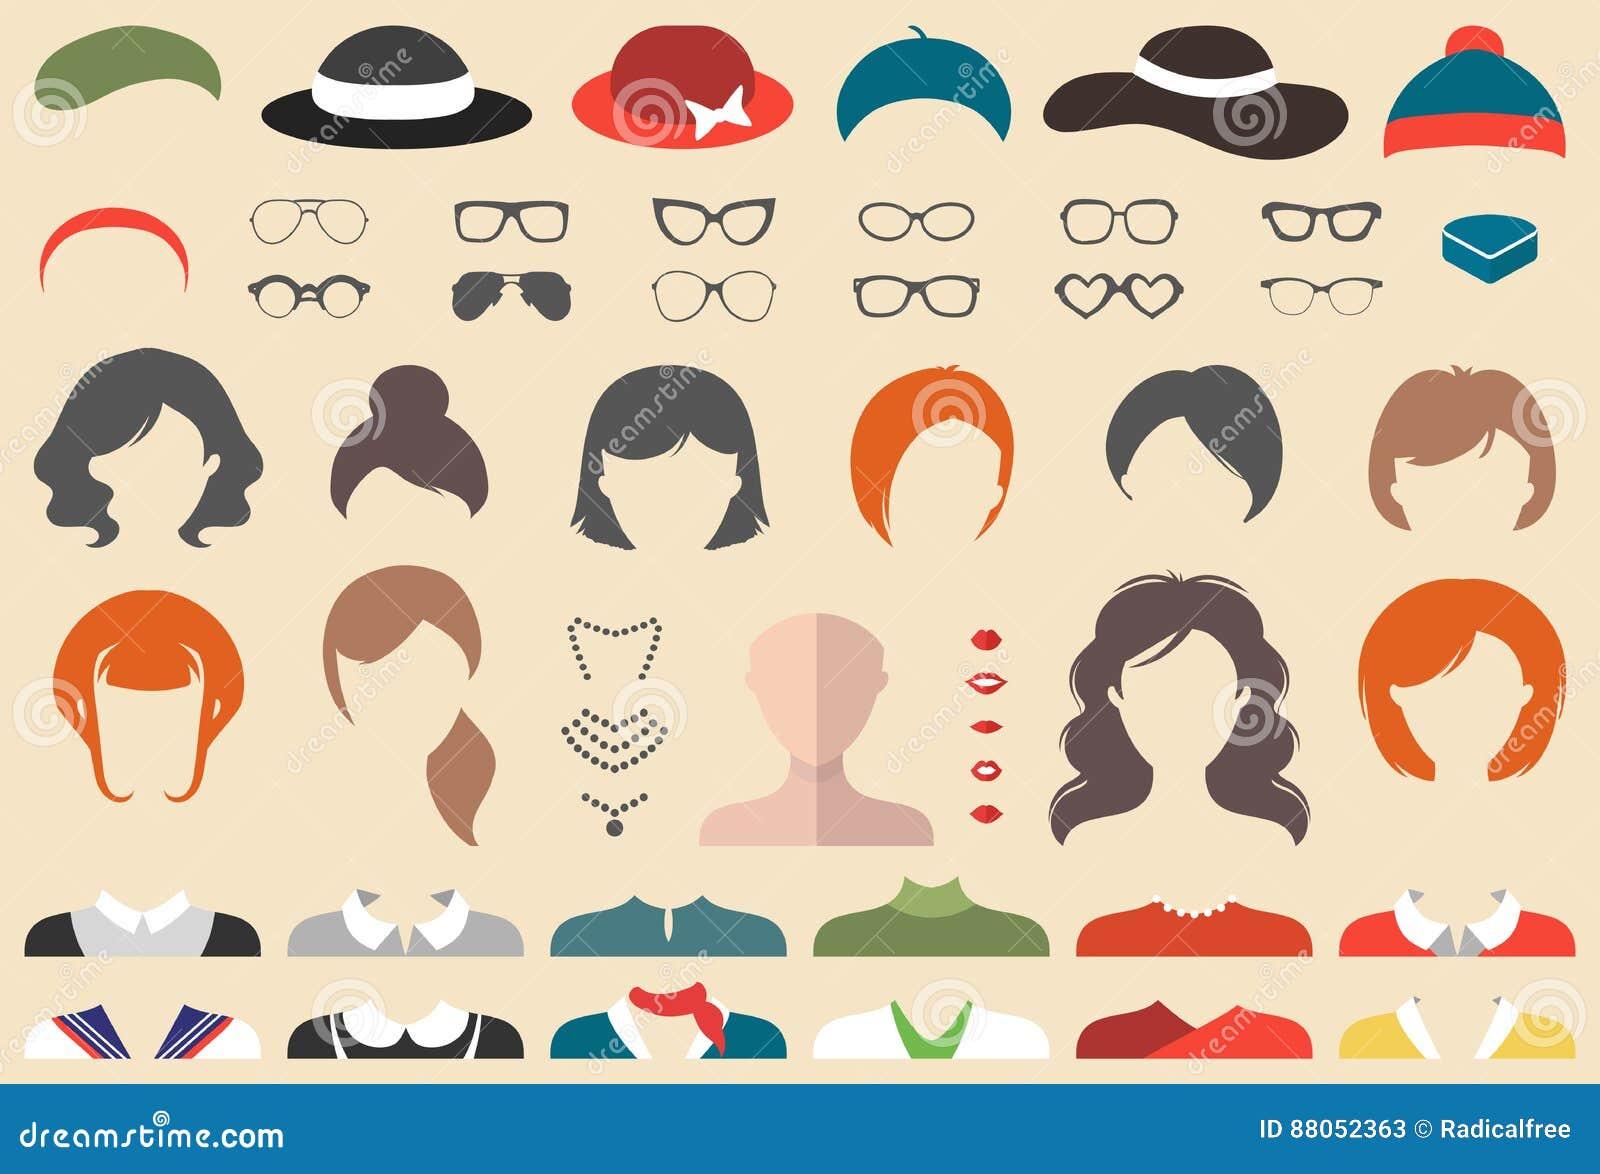 Großer Vektorsatz von kleiden oben Erbauer mit verschiedenen Frauenhaarschnitten, Gläsern, den Lippen, Abnutzung usw. Frau stellt